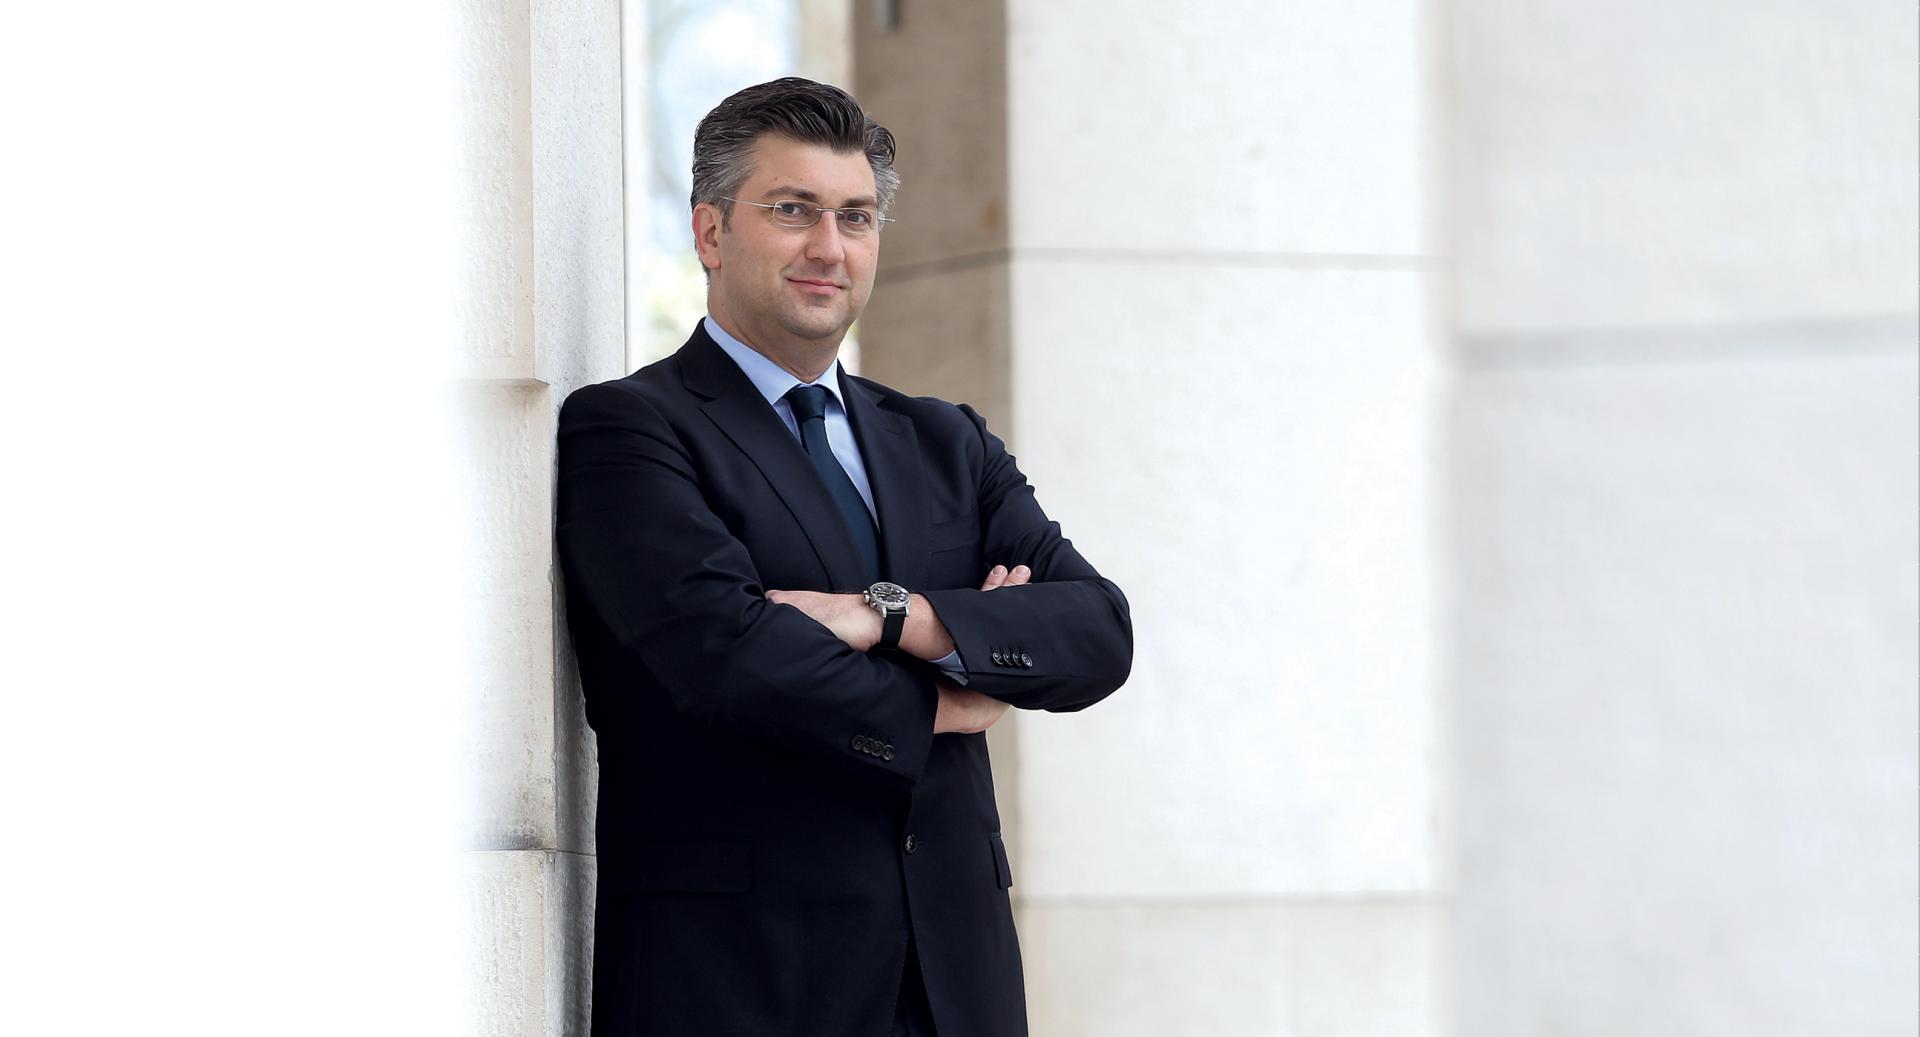 Uoči lokalnih izbora intenzivirat će se udari HDZ-ove desnice na Andreja Plenkovića